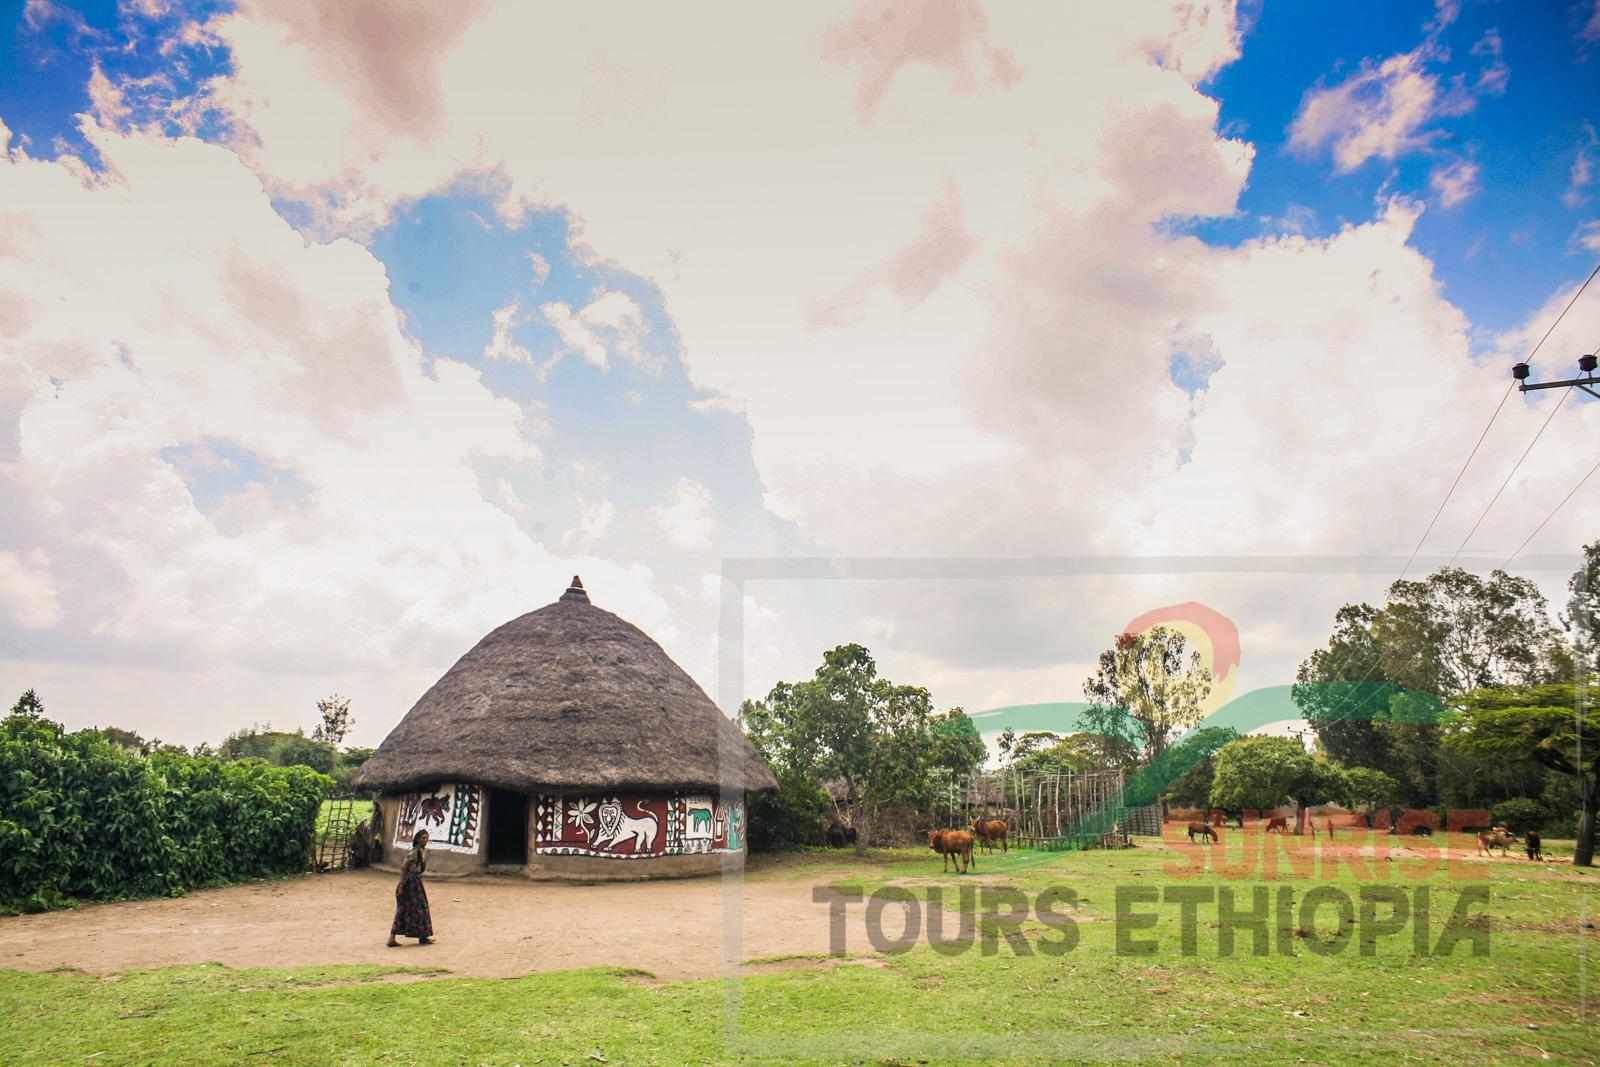 ALABA VILLAGE-RIFT VALLEY ETHIOPIA